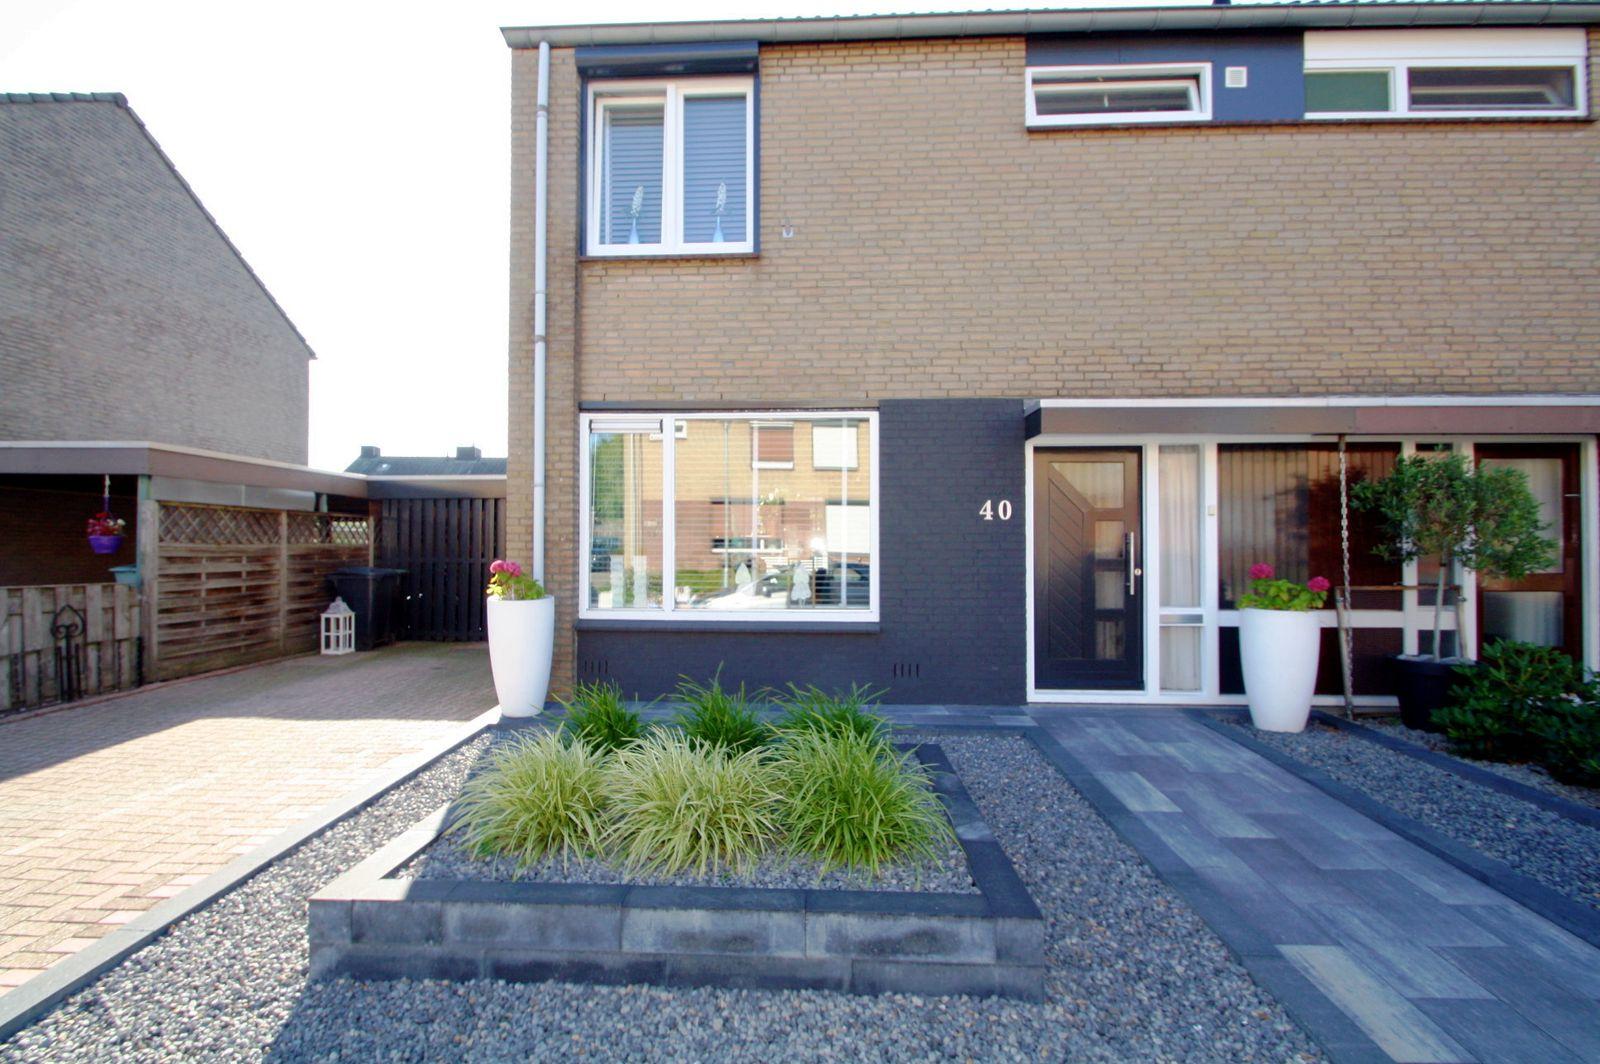 Burgemeester Boschstraat 40, Schinveld